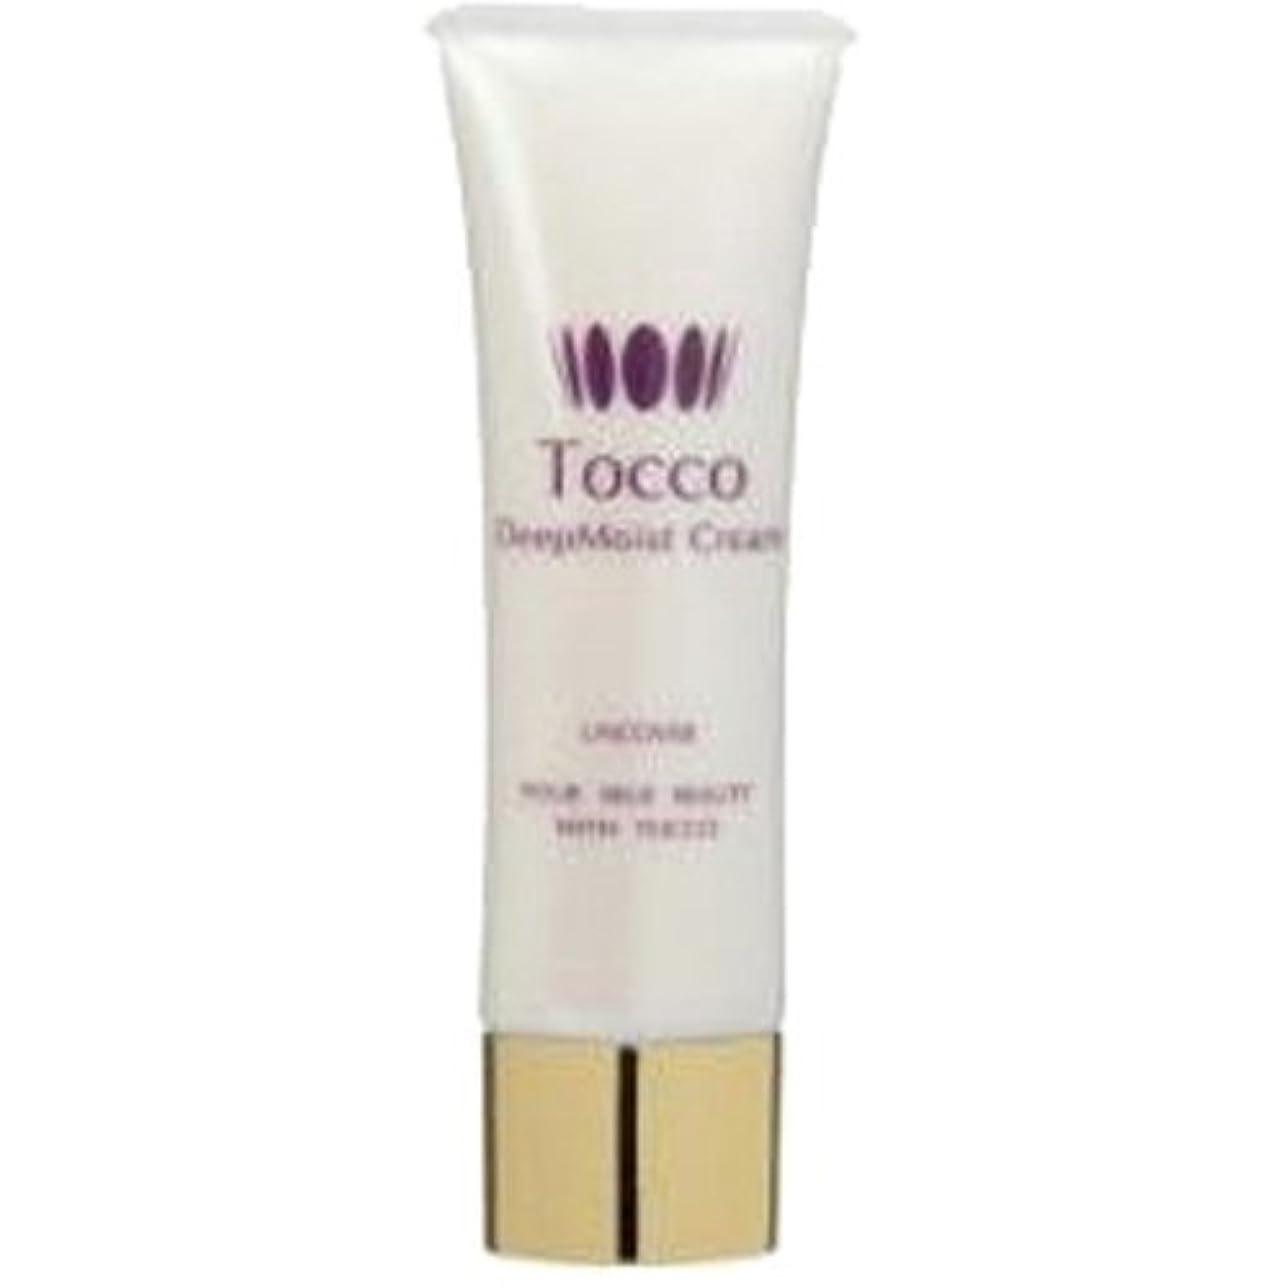 戸惑うランク額Tocco(トッコ)ディープモイストクリーム 30g